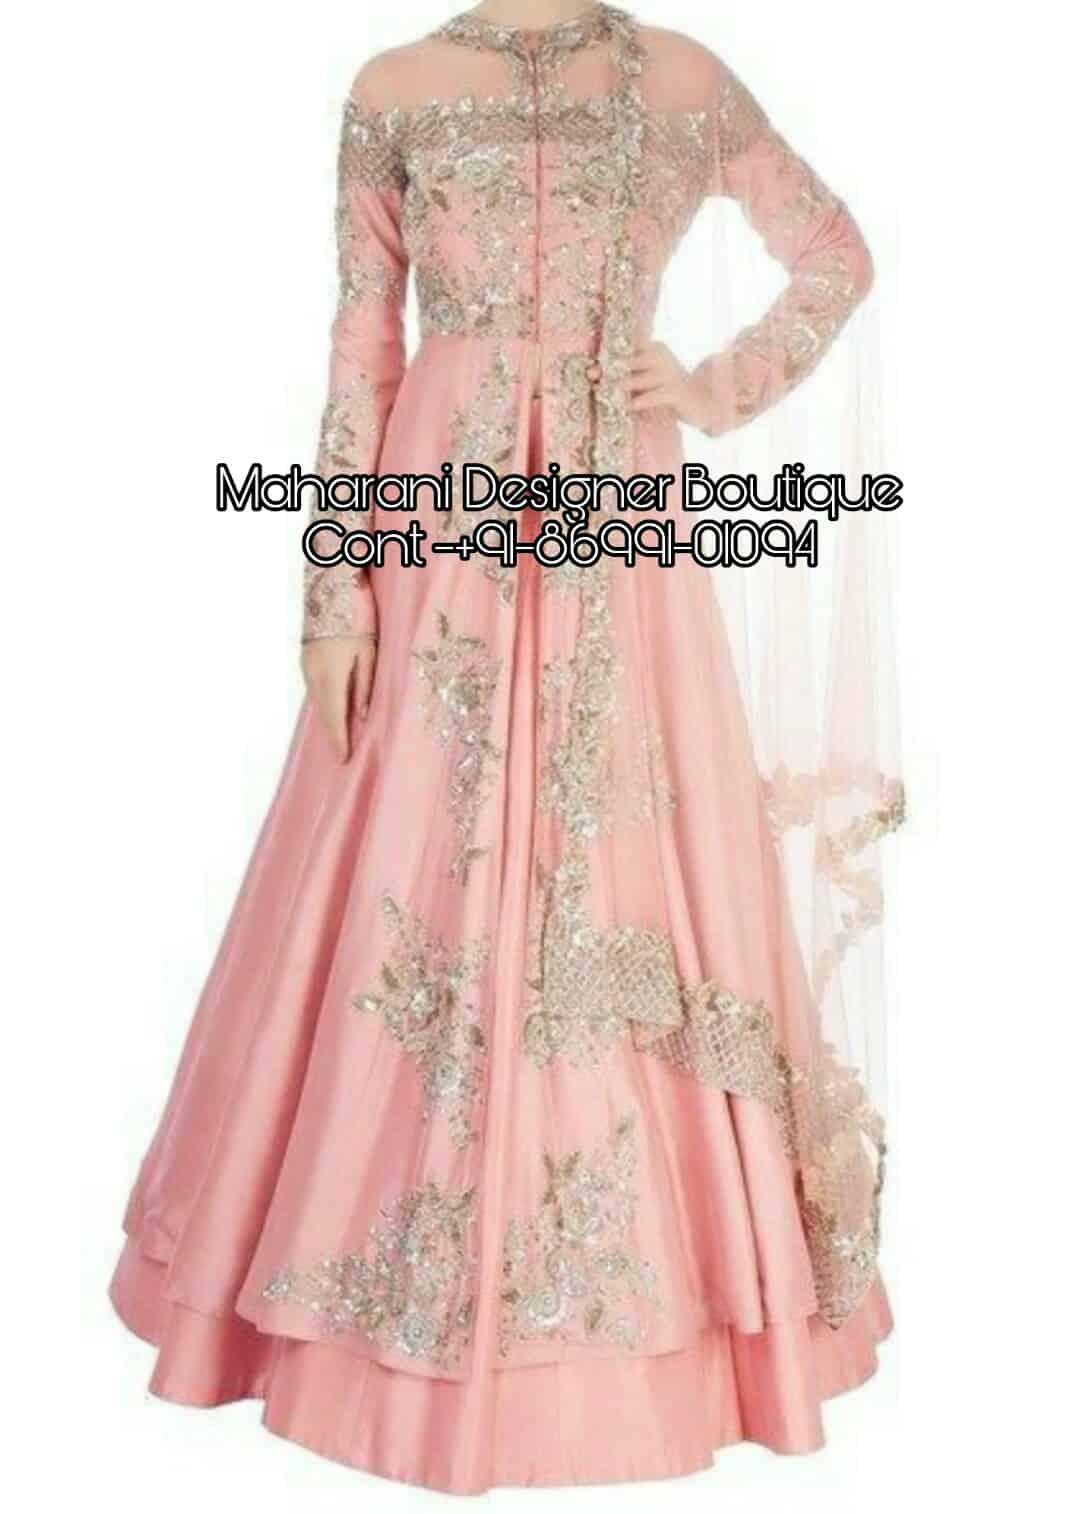 39bd3082d9 ... Long Dress Boutiques Near Me ). Sale! 🔍. 25000.00Rs 20000.00Rs